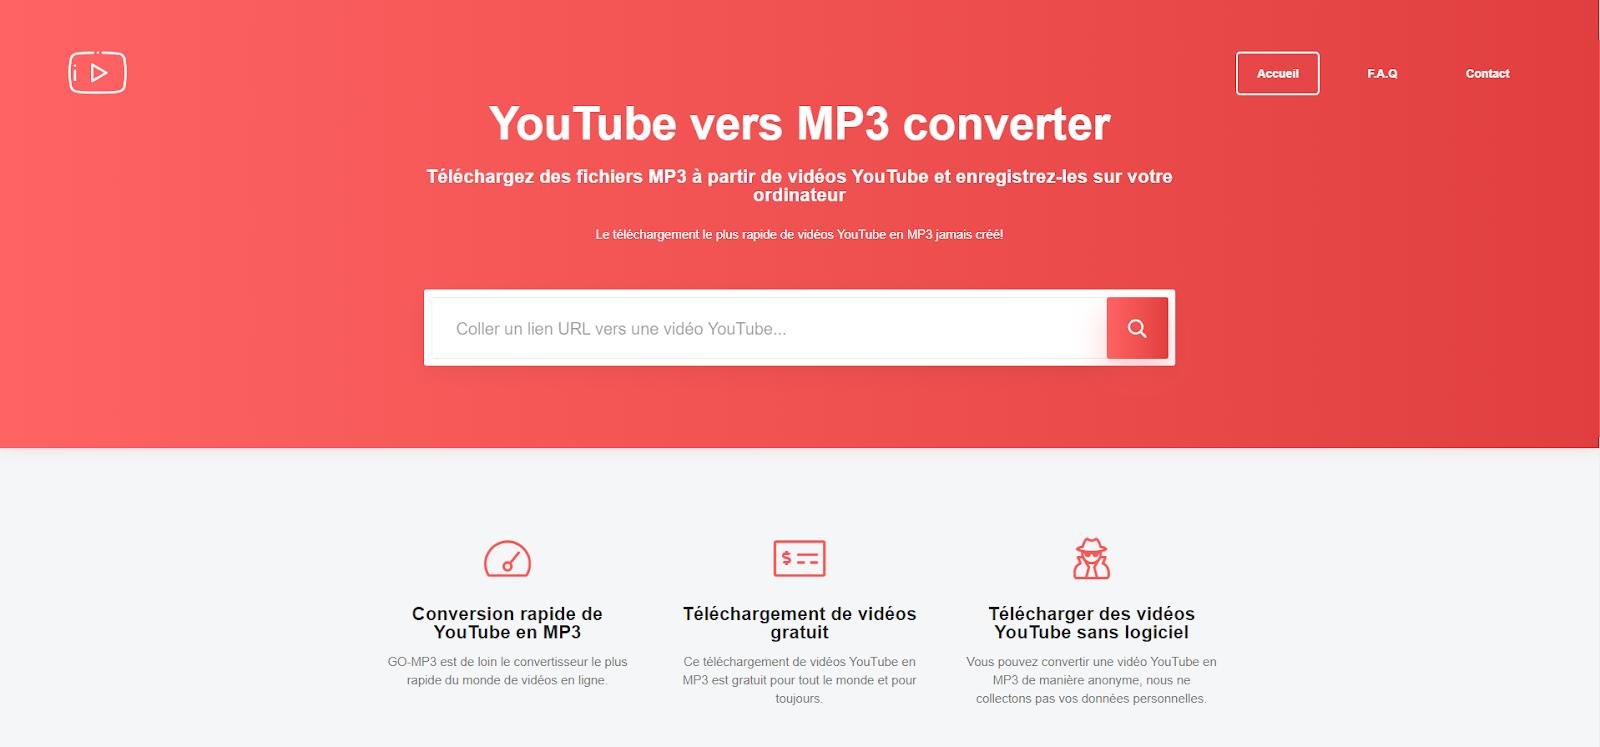 Comment convertir une vidéo depuis YouTube en MP3 avec un convertisseur ?